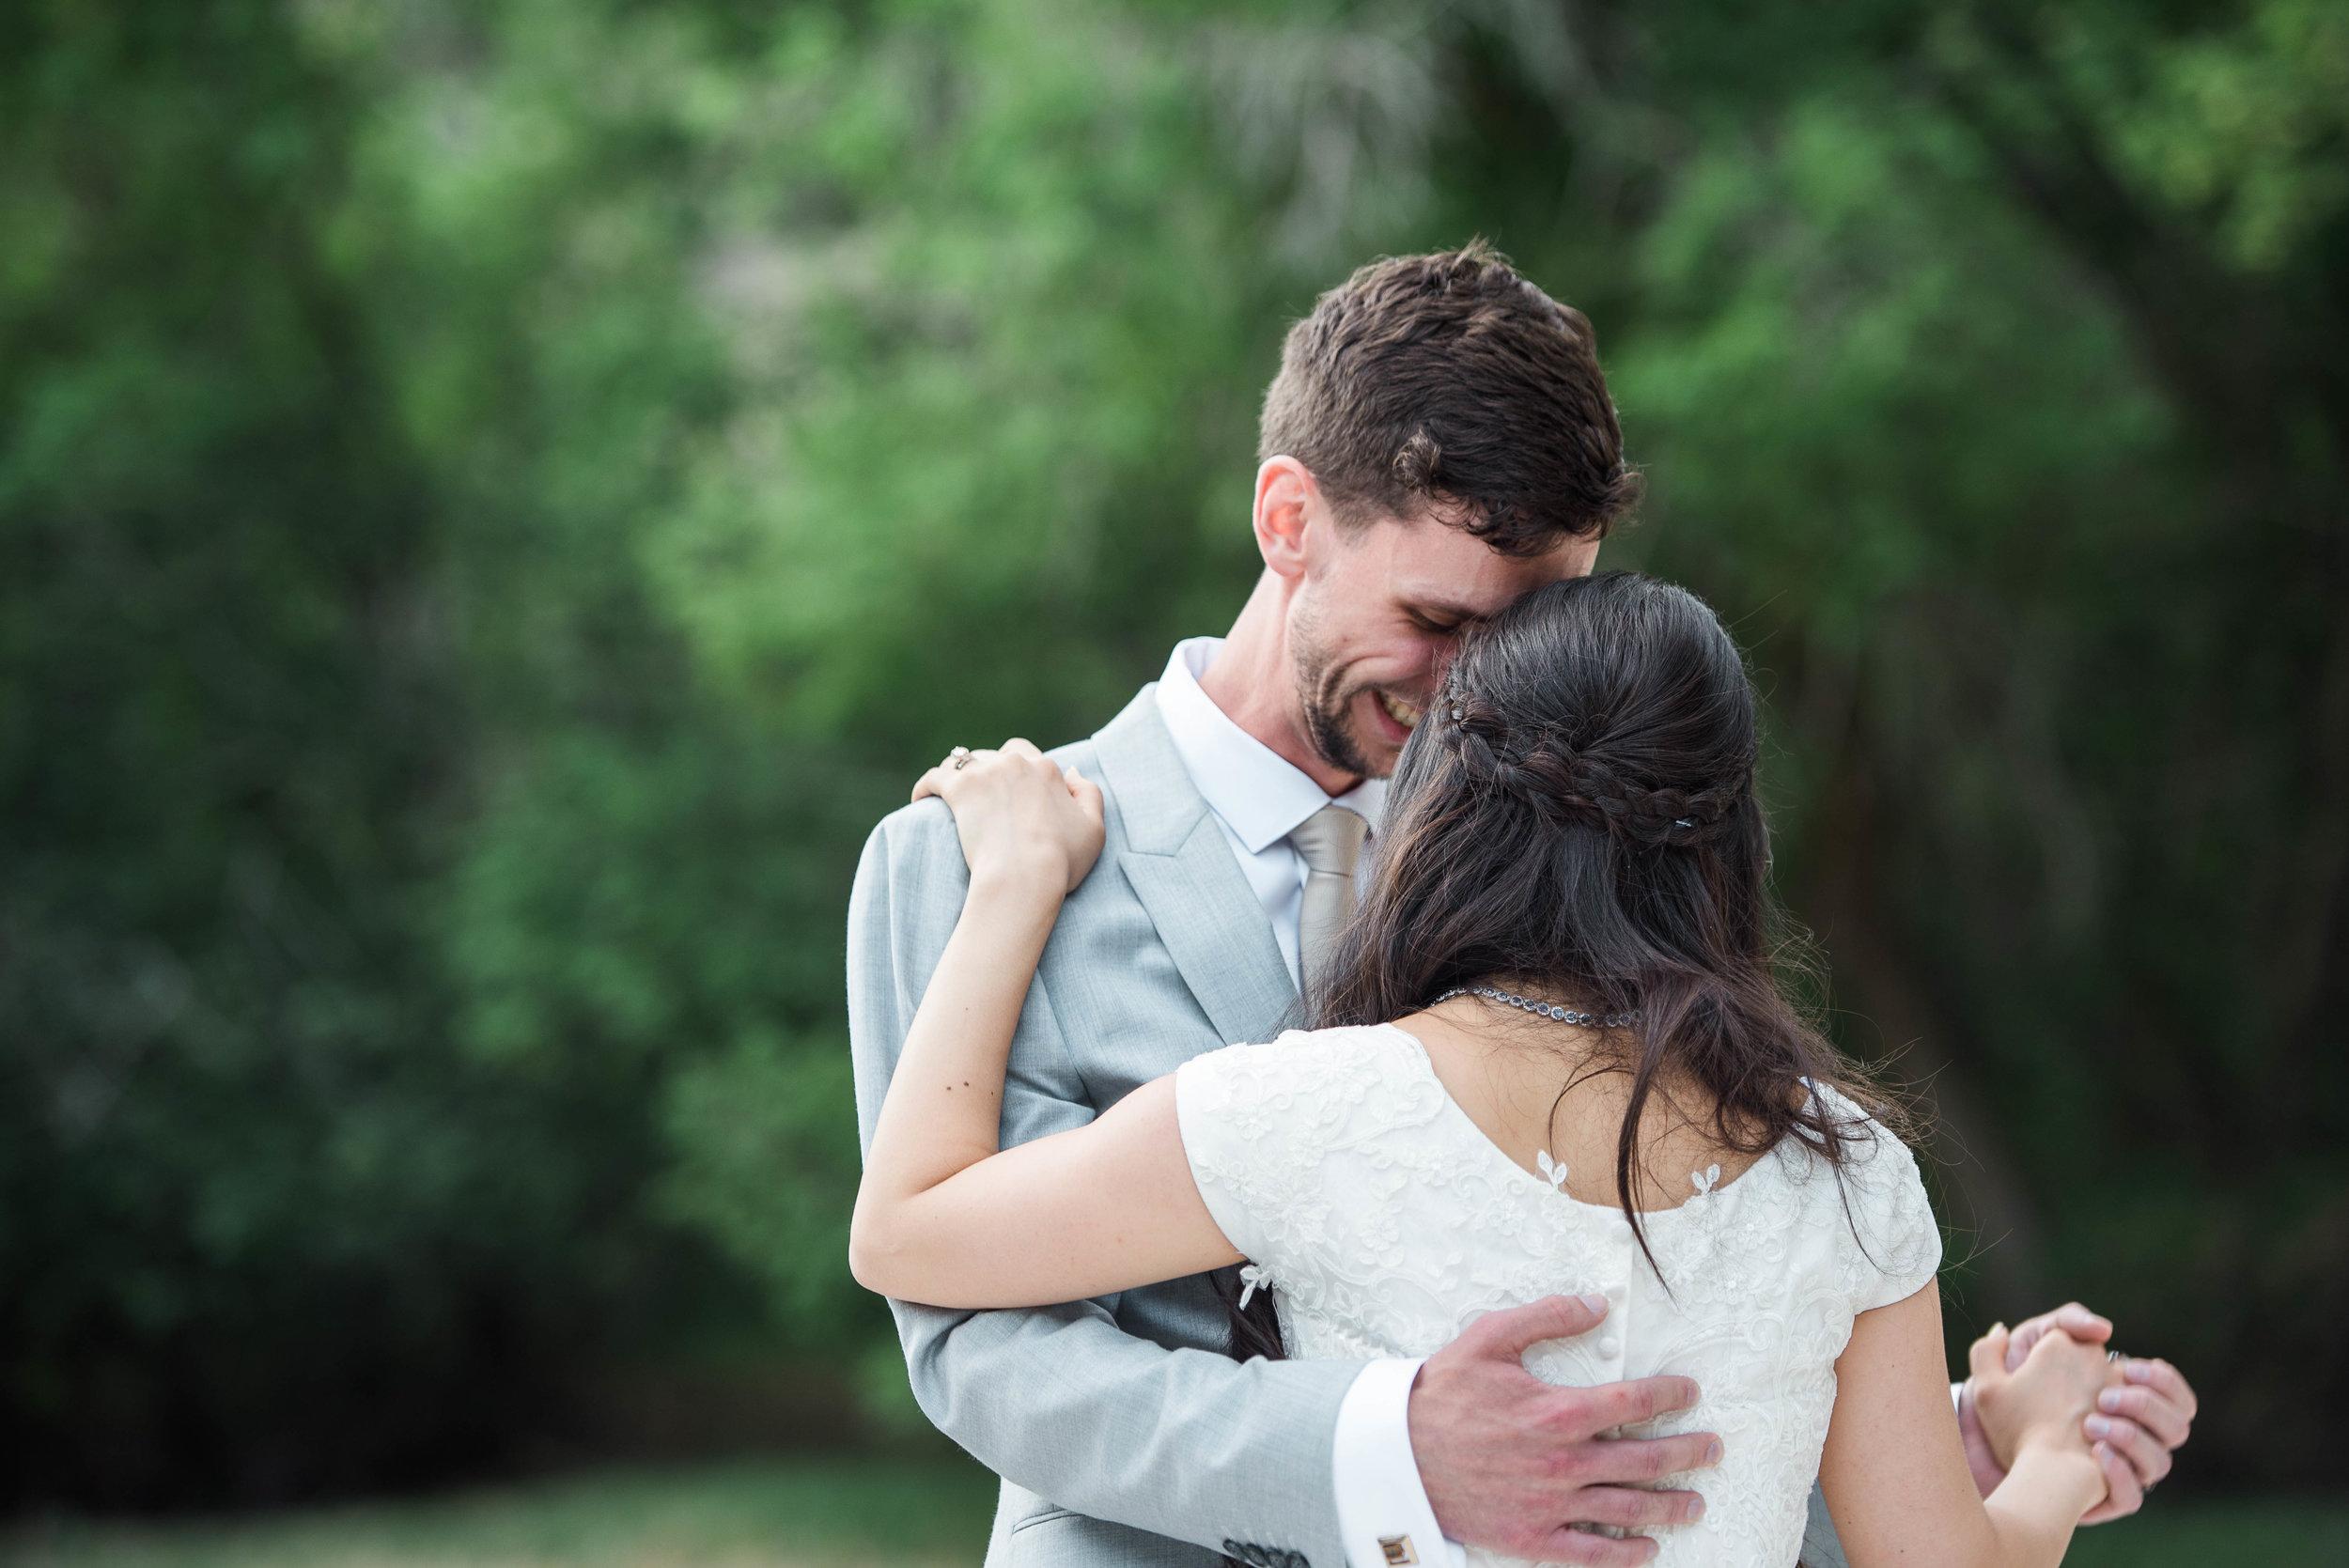 JAYMIE+JORDAN-WEDDING-DAY-Sadie_Banks_Photography-32.jpg